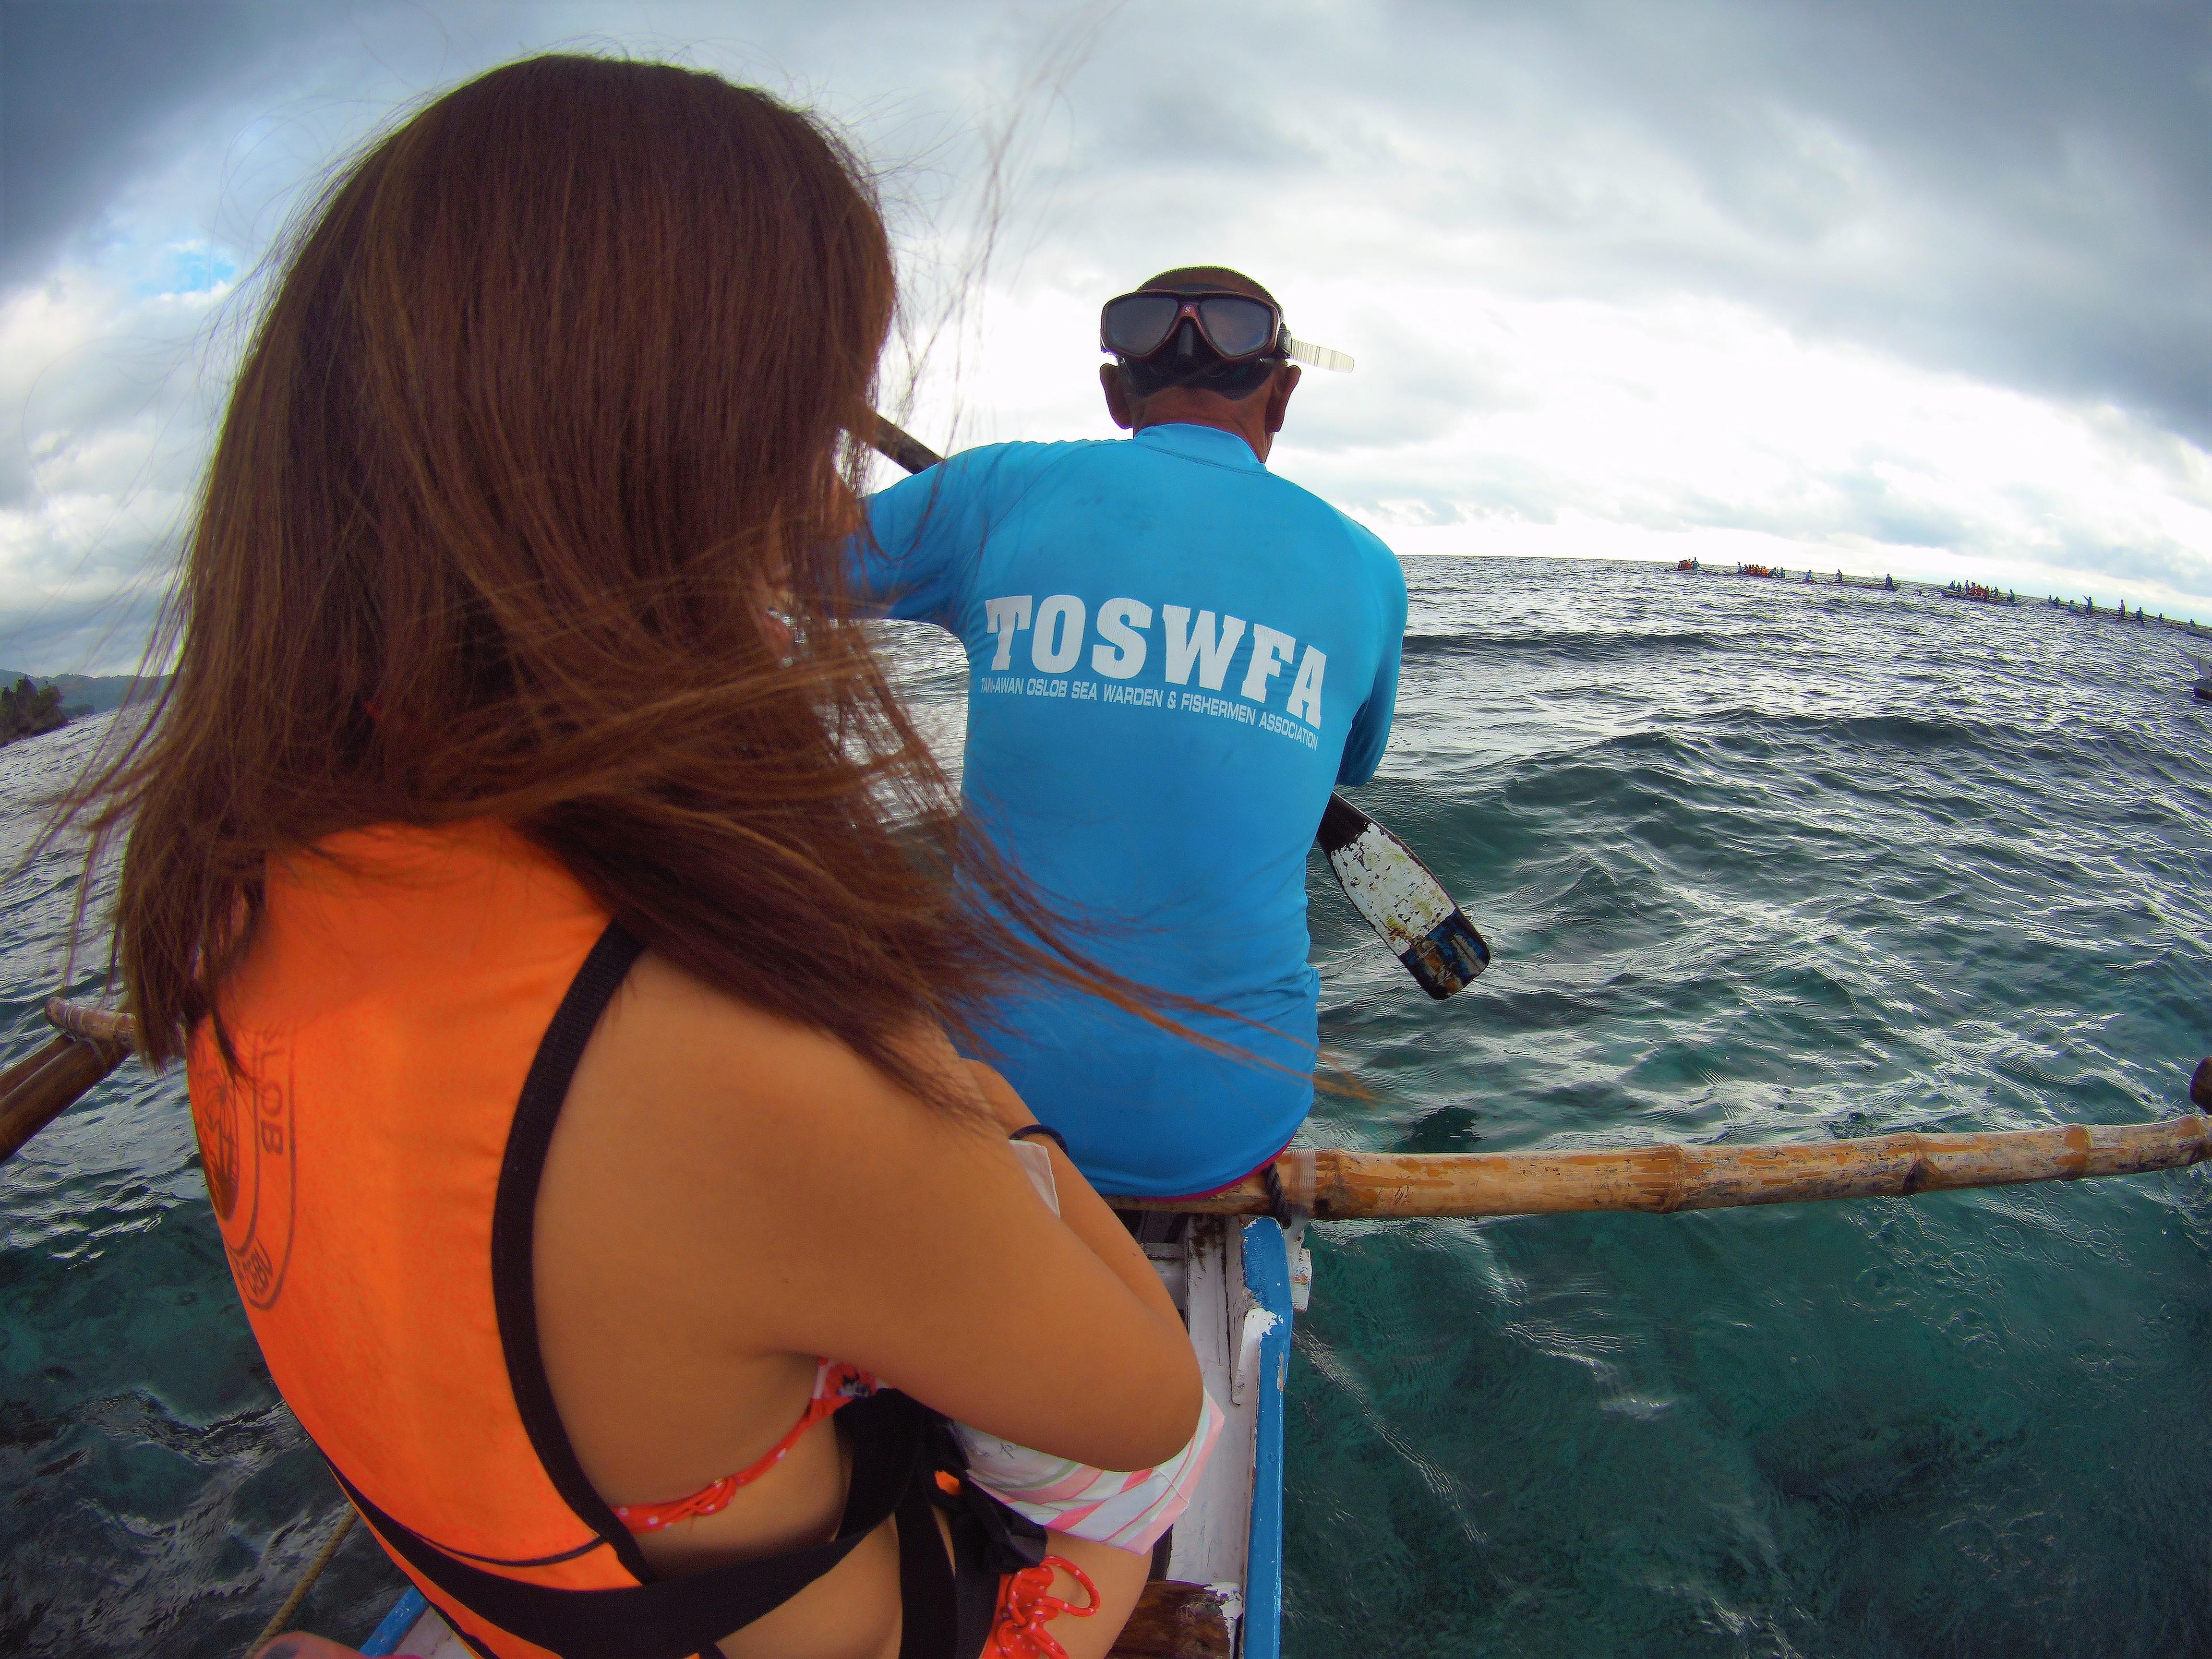 5分程手漕ぎボートで移動するとジンベイザメに会えるスポットに到着します